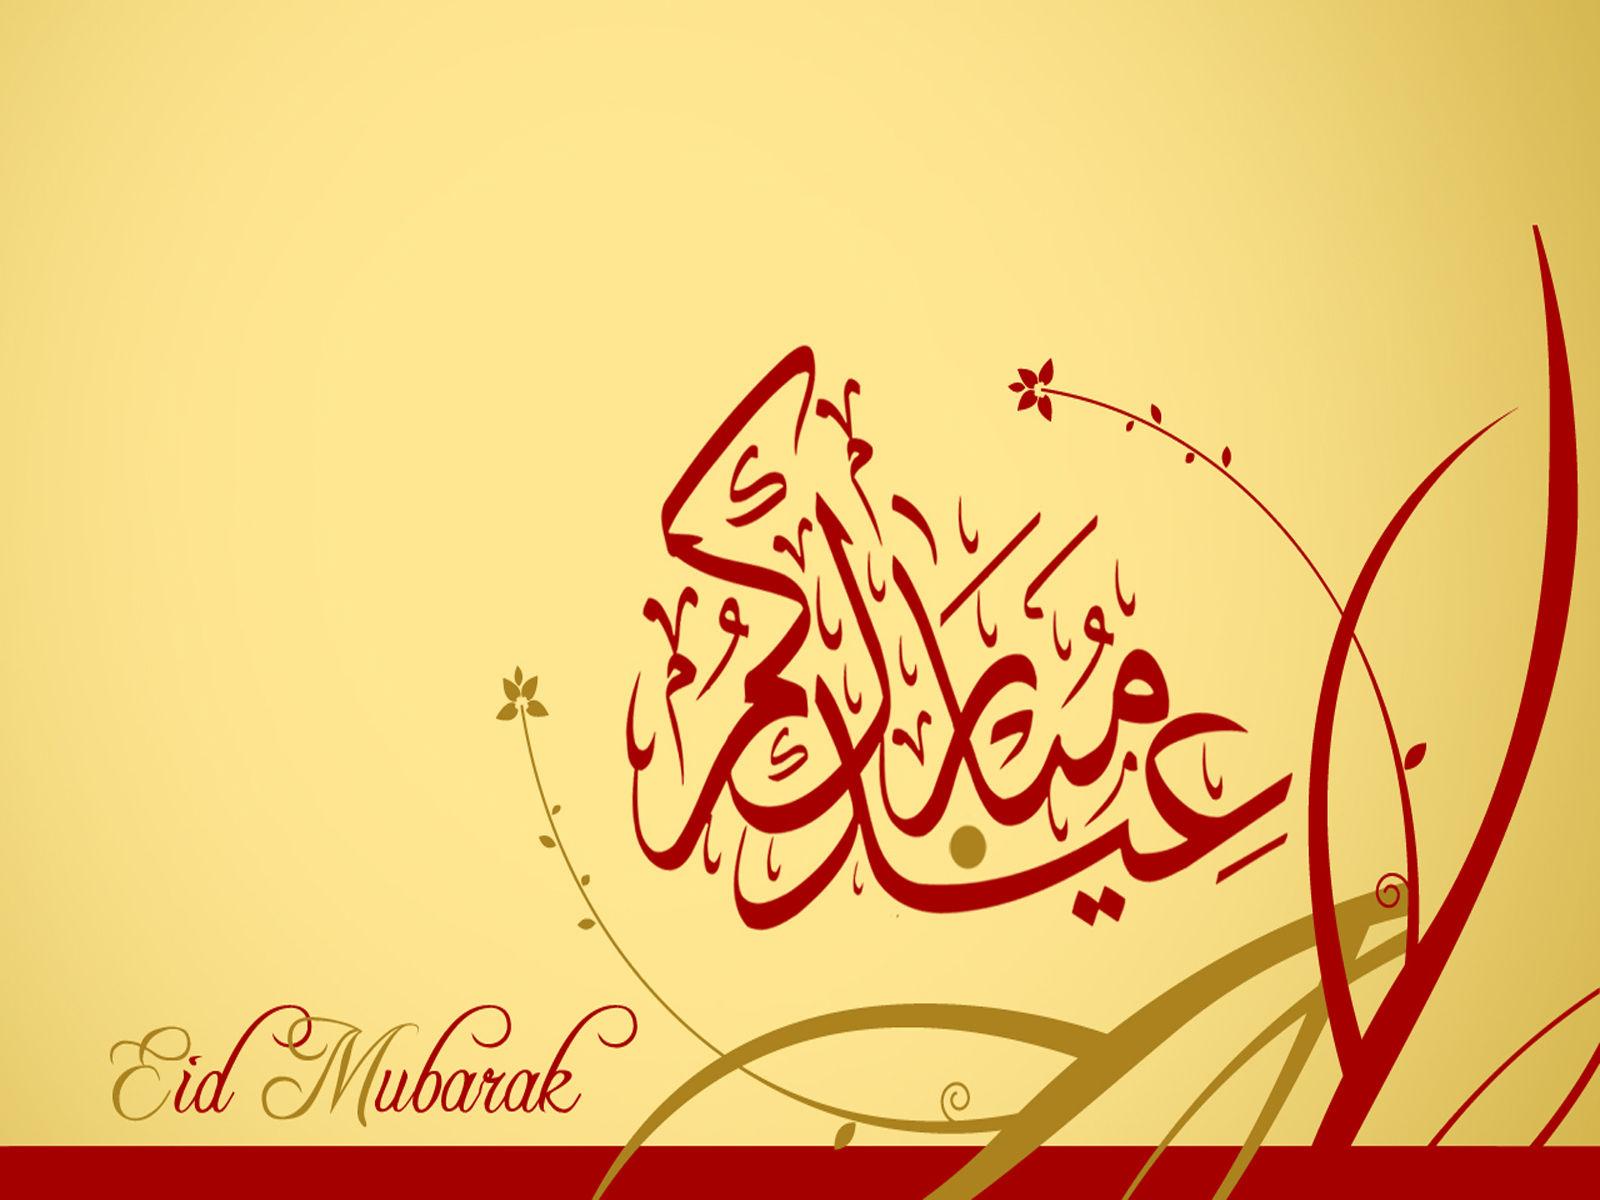 بالصور صور عيد الفطر السعيد , شاهد مظاهر احتفالات العيد unnamed file 42